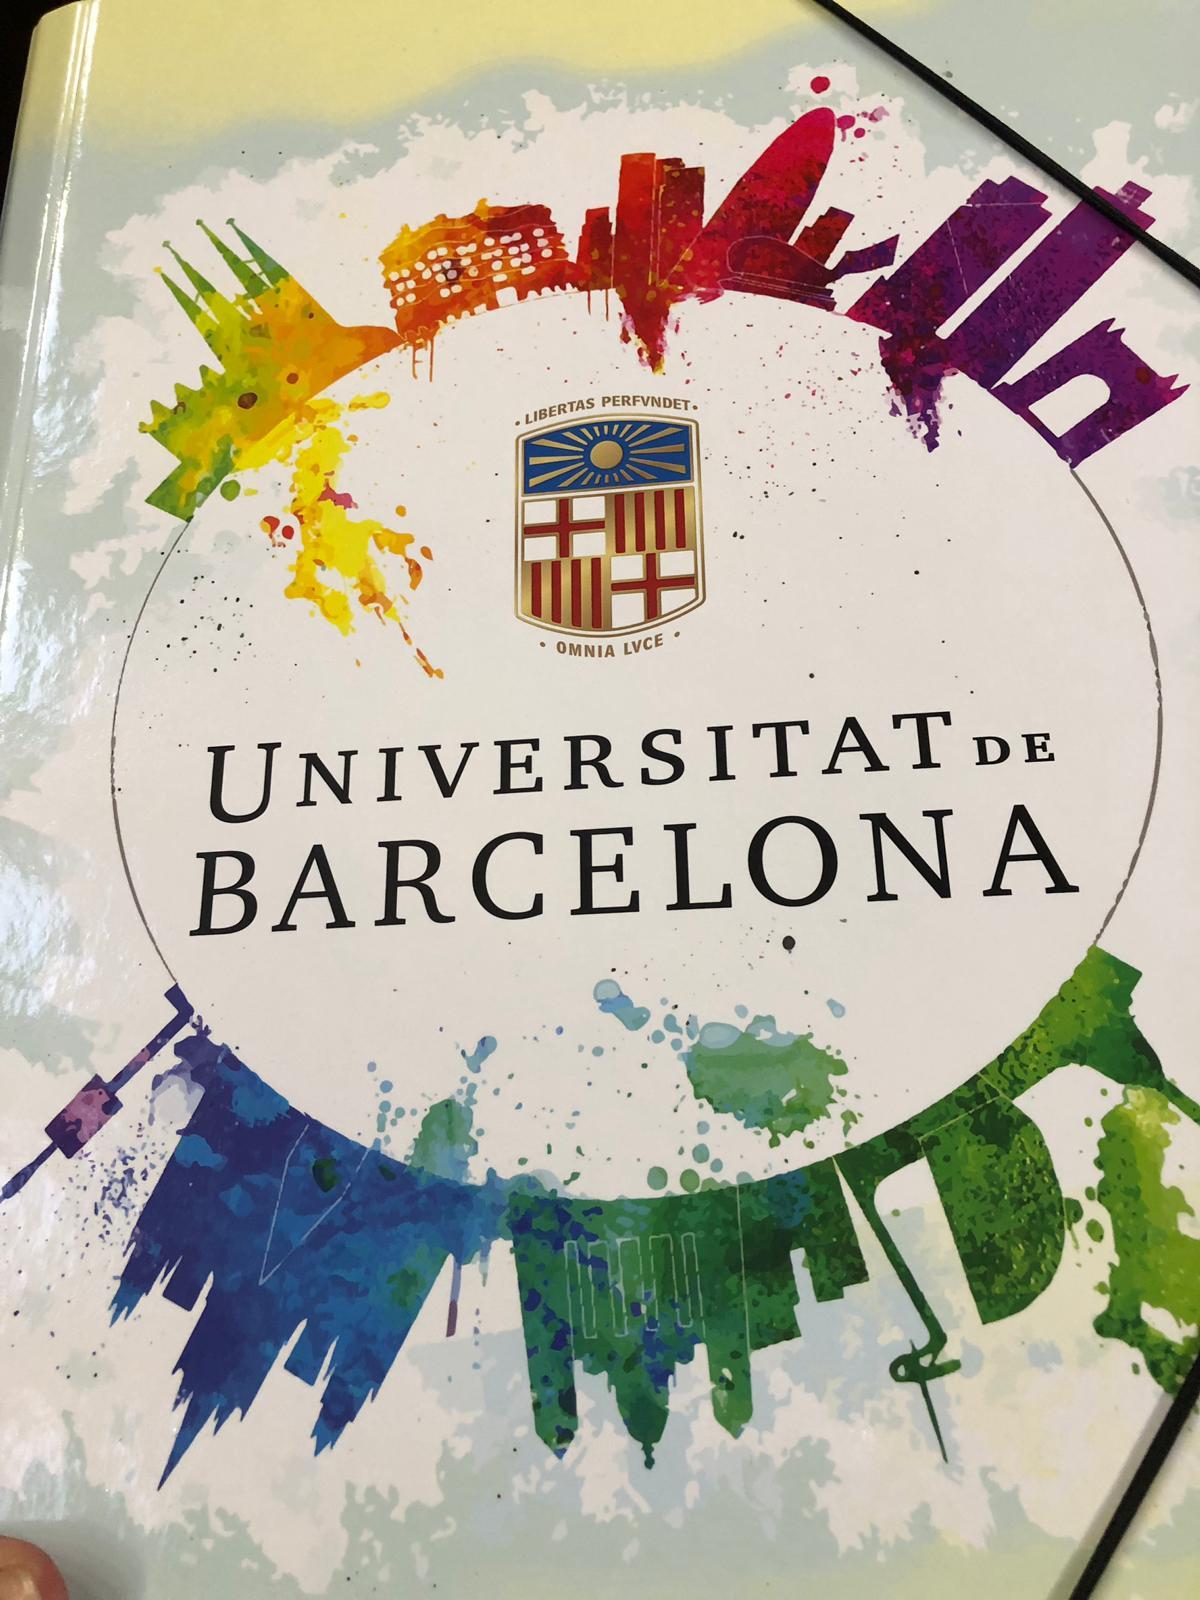 El Colegio Mayor Mara en las Jornadas de Colegios Mayores Universitarios - Barcelona - Organiza Consejo de Colegios Mayores Universitarios - Colabora la Universitat de Barcelona